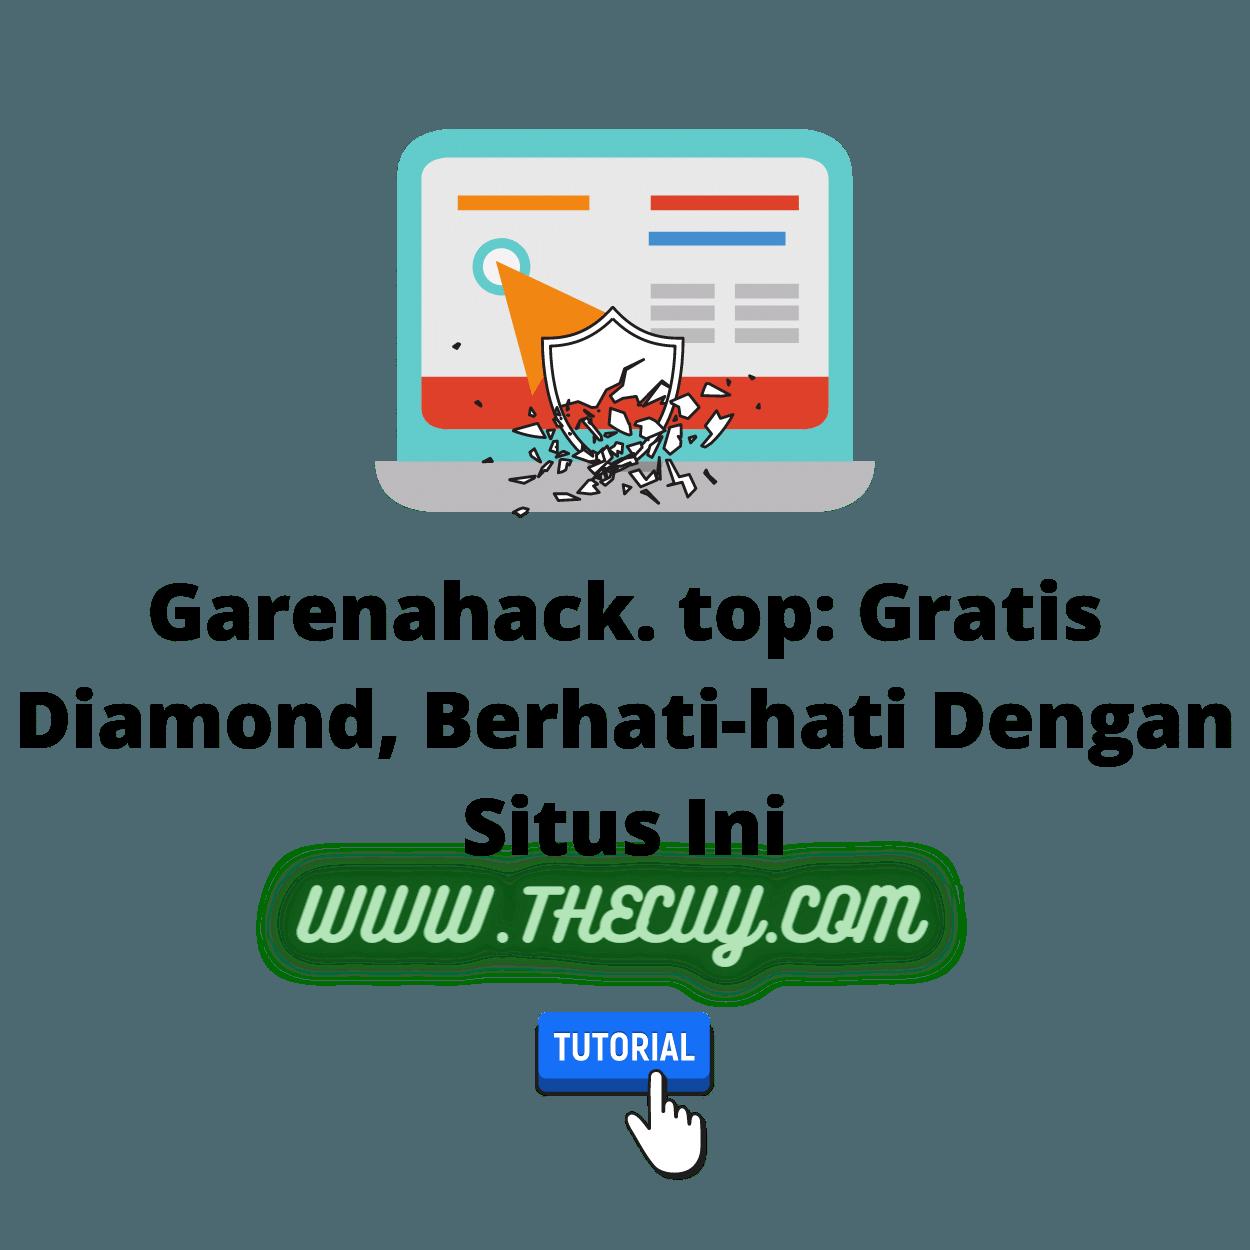 Garenahack. top: Gratis Diamond, Berhati-hati Dengan Situs Ini